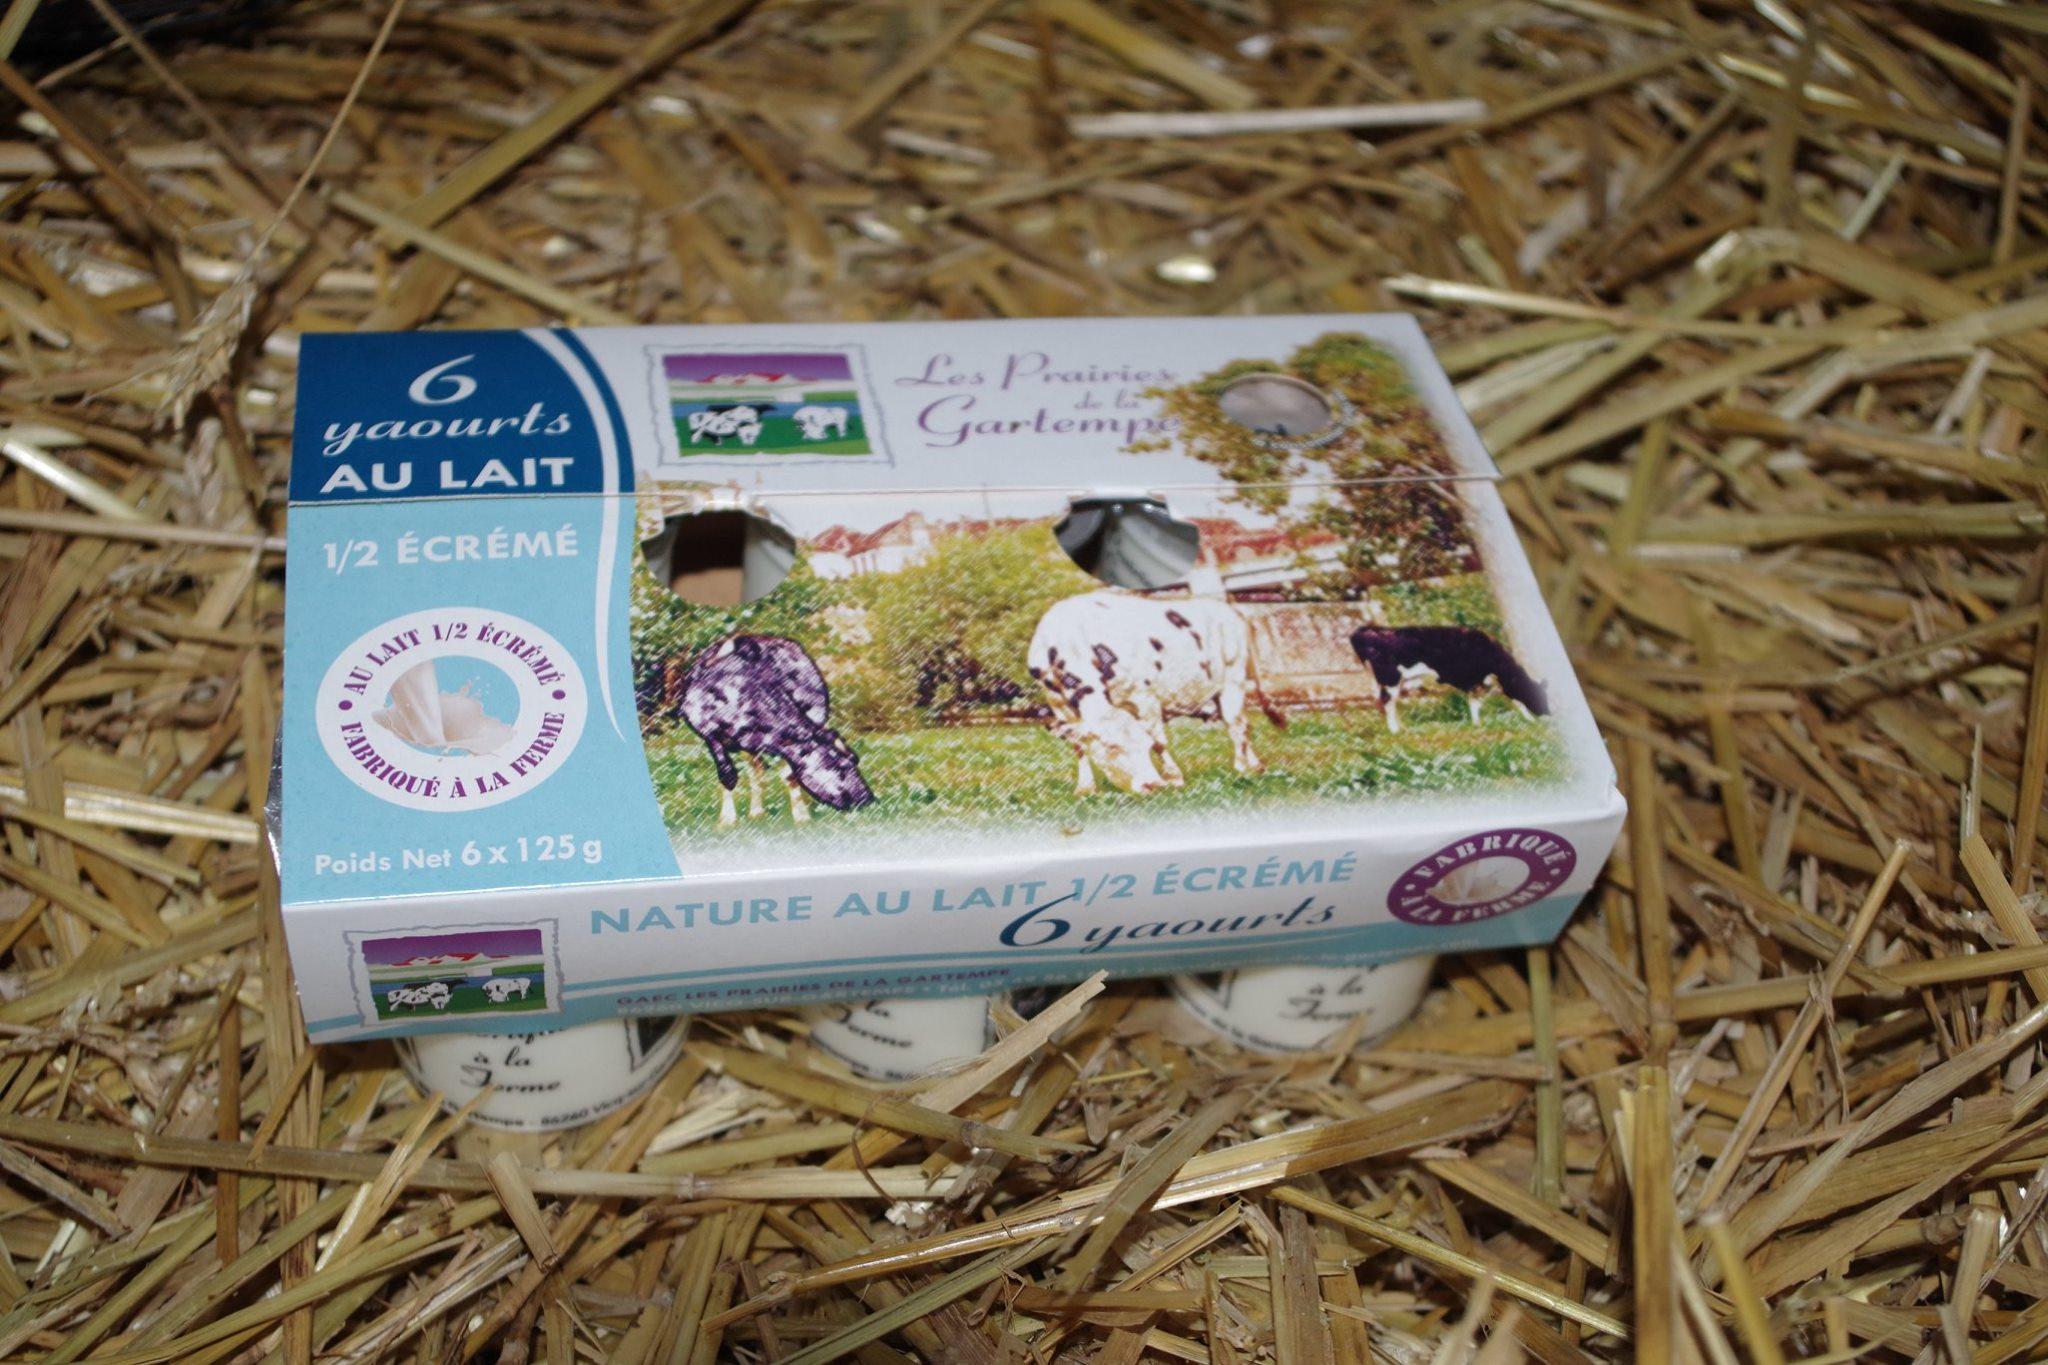 6 yaourts natures au lait 1:2 écrémé